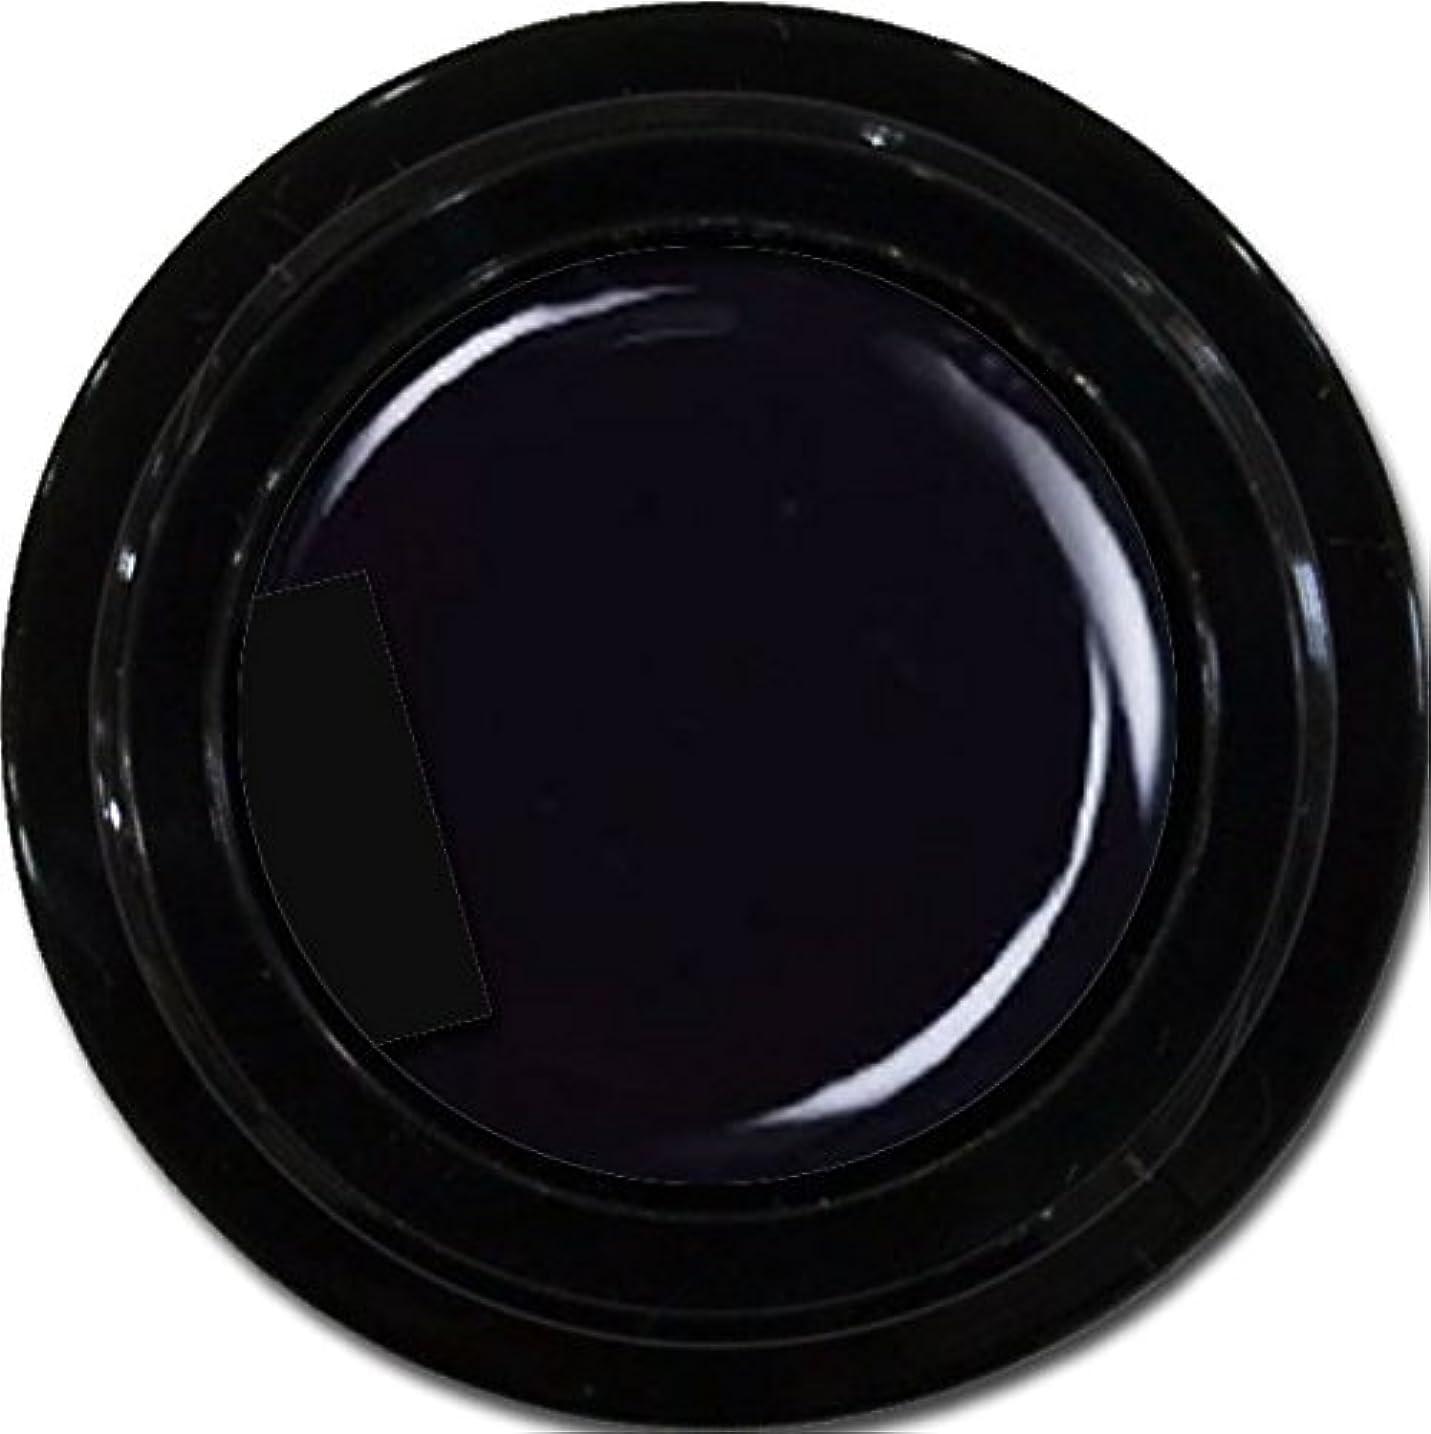 決定練習起きろカラージェル enchant color gel M901 Extreme Black 3g/マットカラージェル M901 エクストリームブラック 3グラム